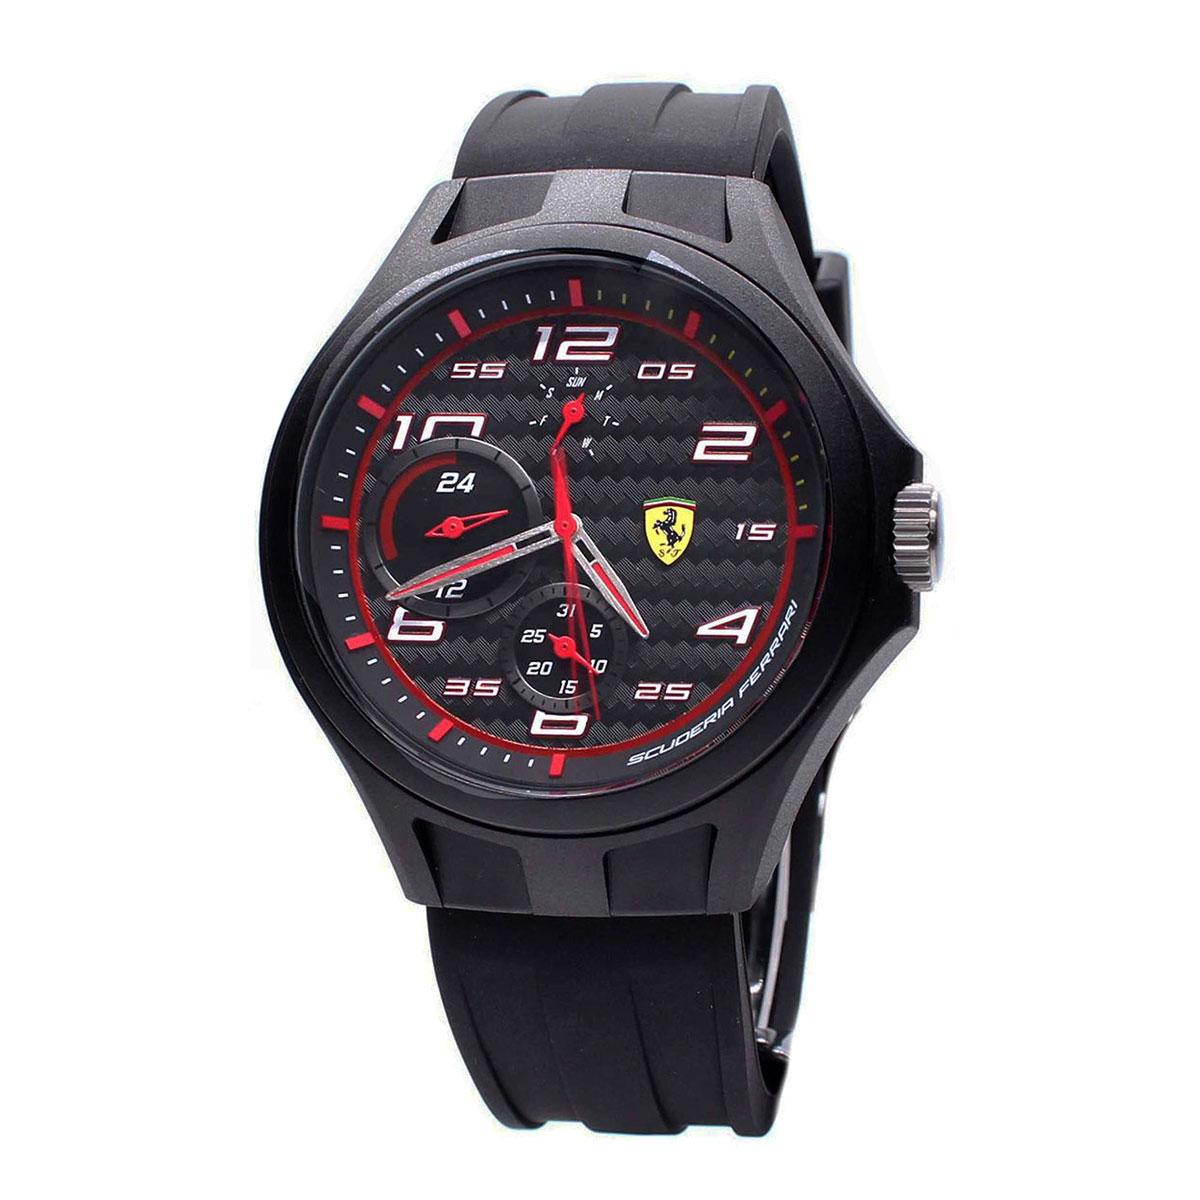 นาฬิกาผู้ชาย Ferrari รุ่น 0830290, Pit Crew